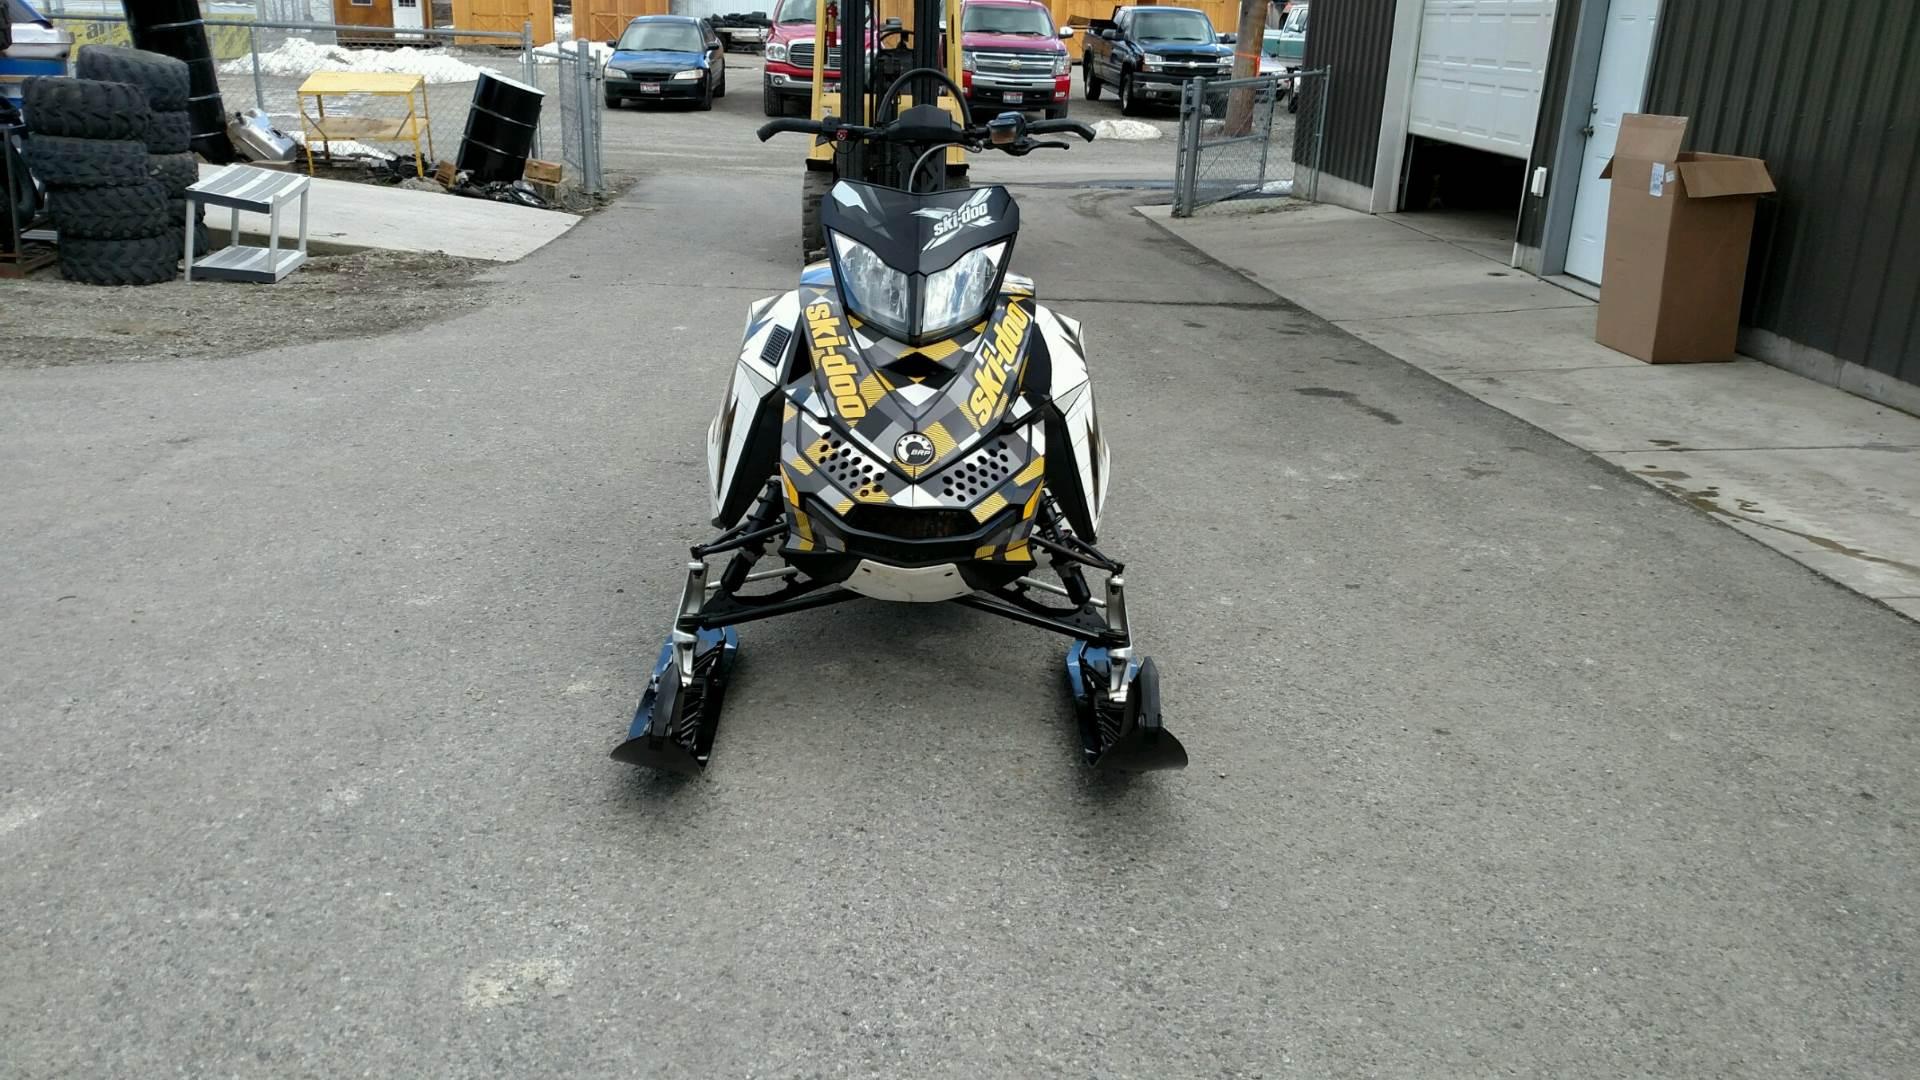 2014 Ski-Doo Summit Sport PowerT.E.K. 800R 3